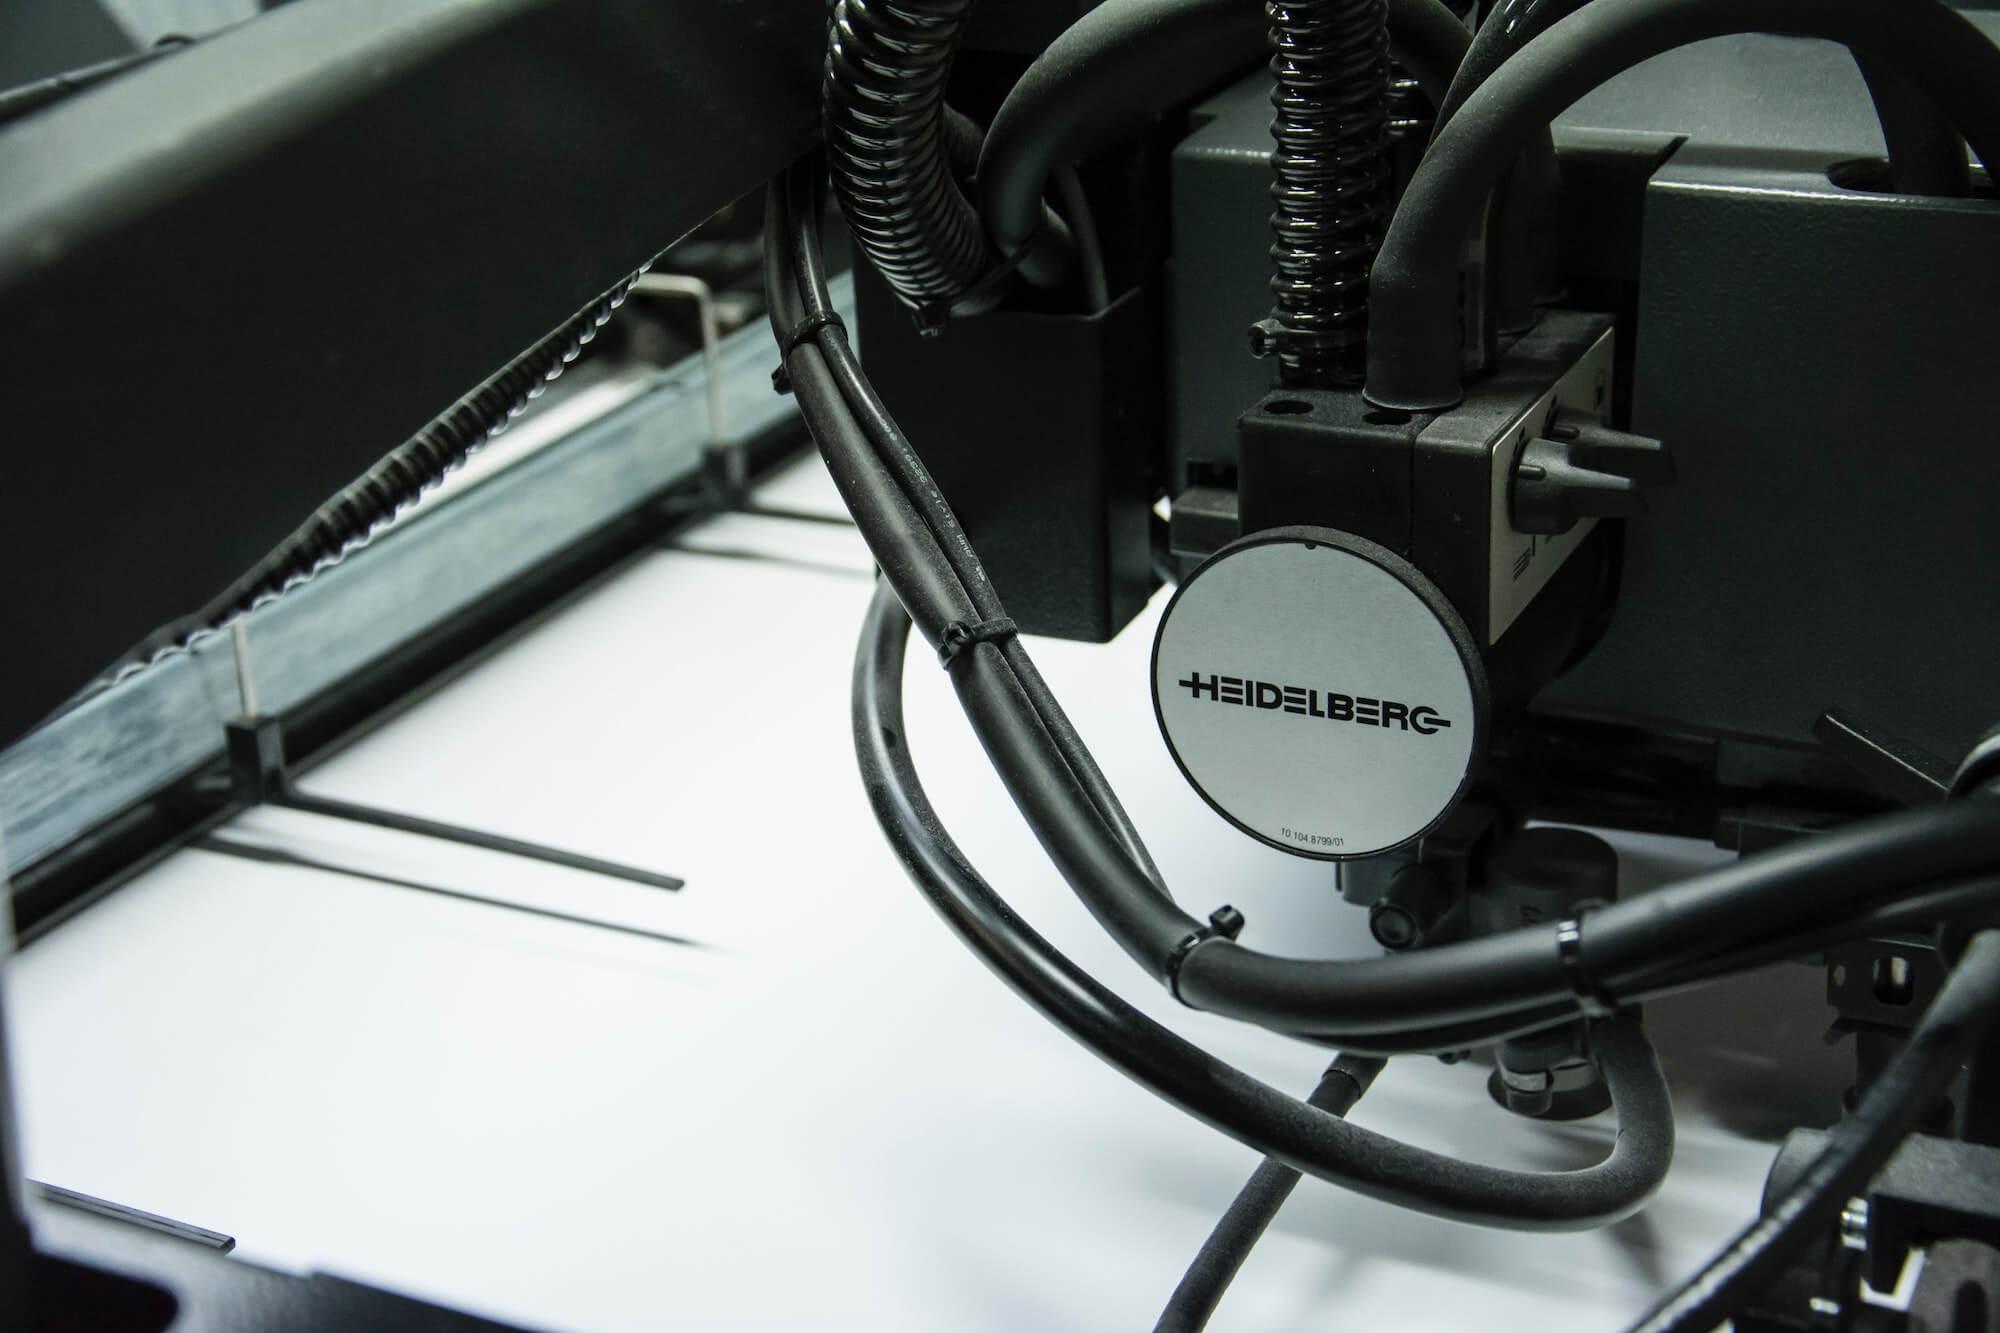 Imprimante Heidelberg vue de près